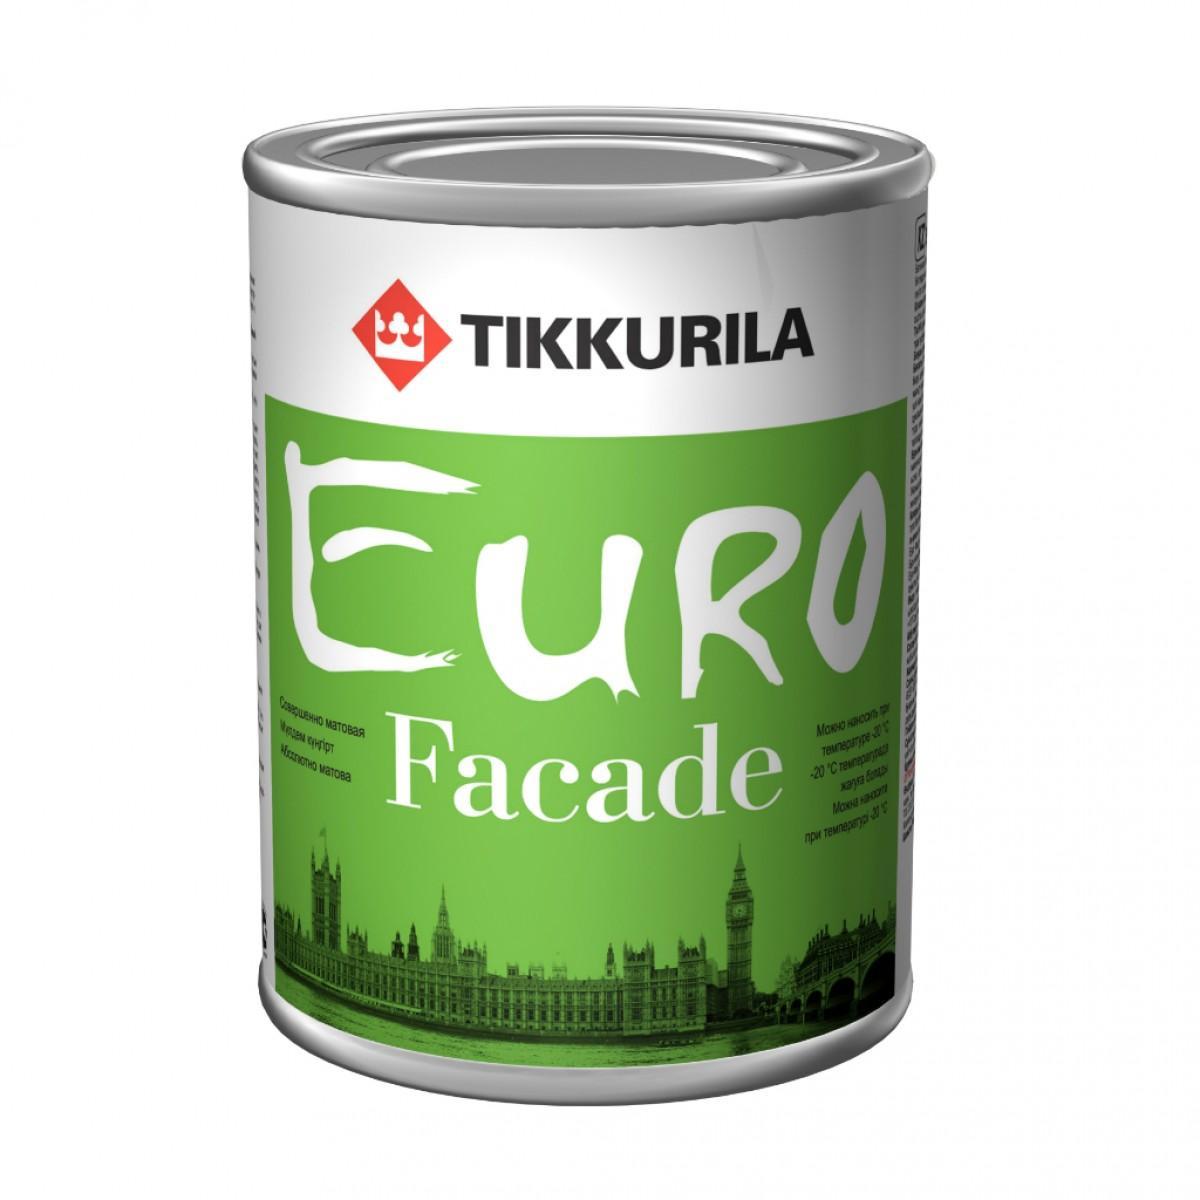 Euro Facade - Евро Фасад фасадная краска